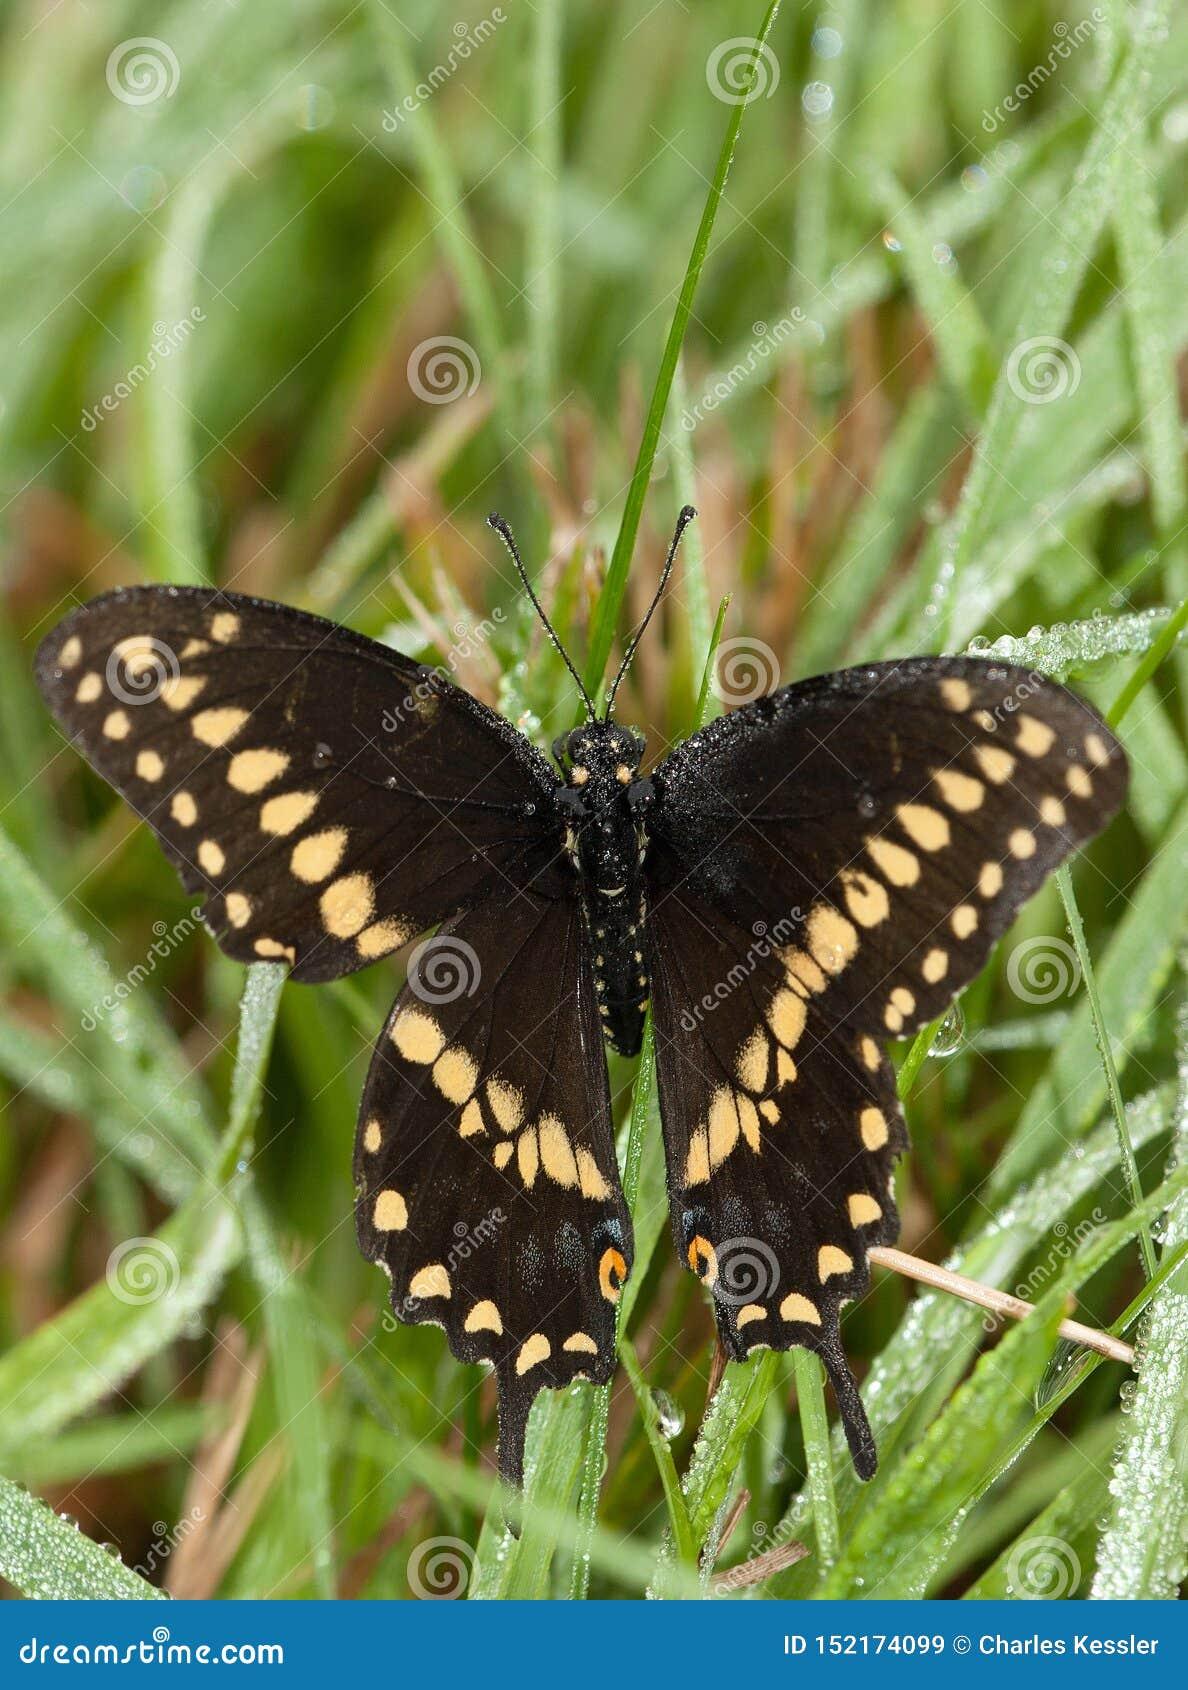 东部黑Swallowtai蝴蝶在露水被盖的草下来